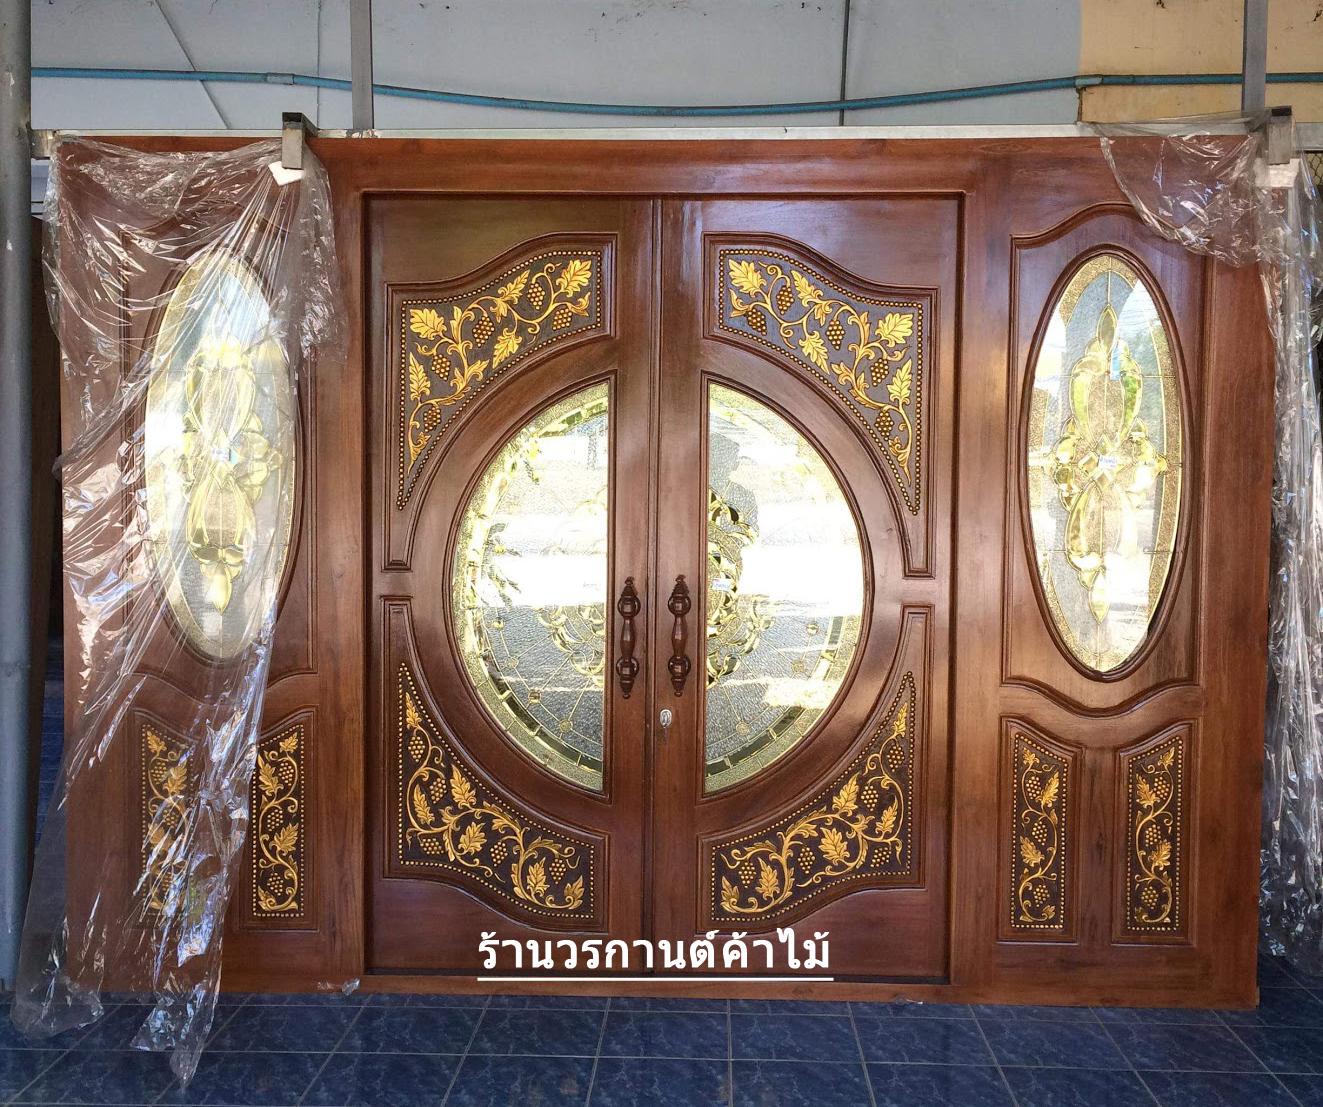 ประตูไม้สักกระจกนิรภัยบานเลื่อนแกะองุ่น ชุด4ชิ้น รหัสAAA21